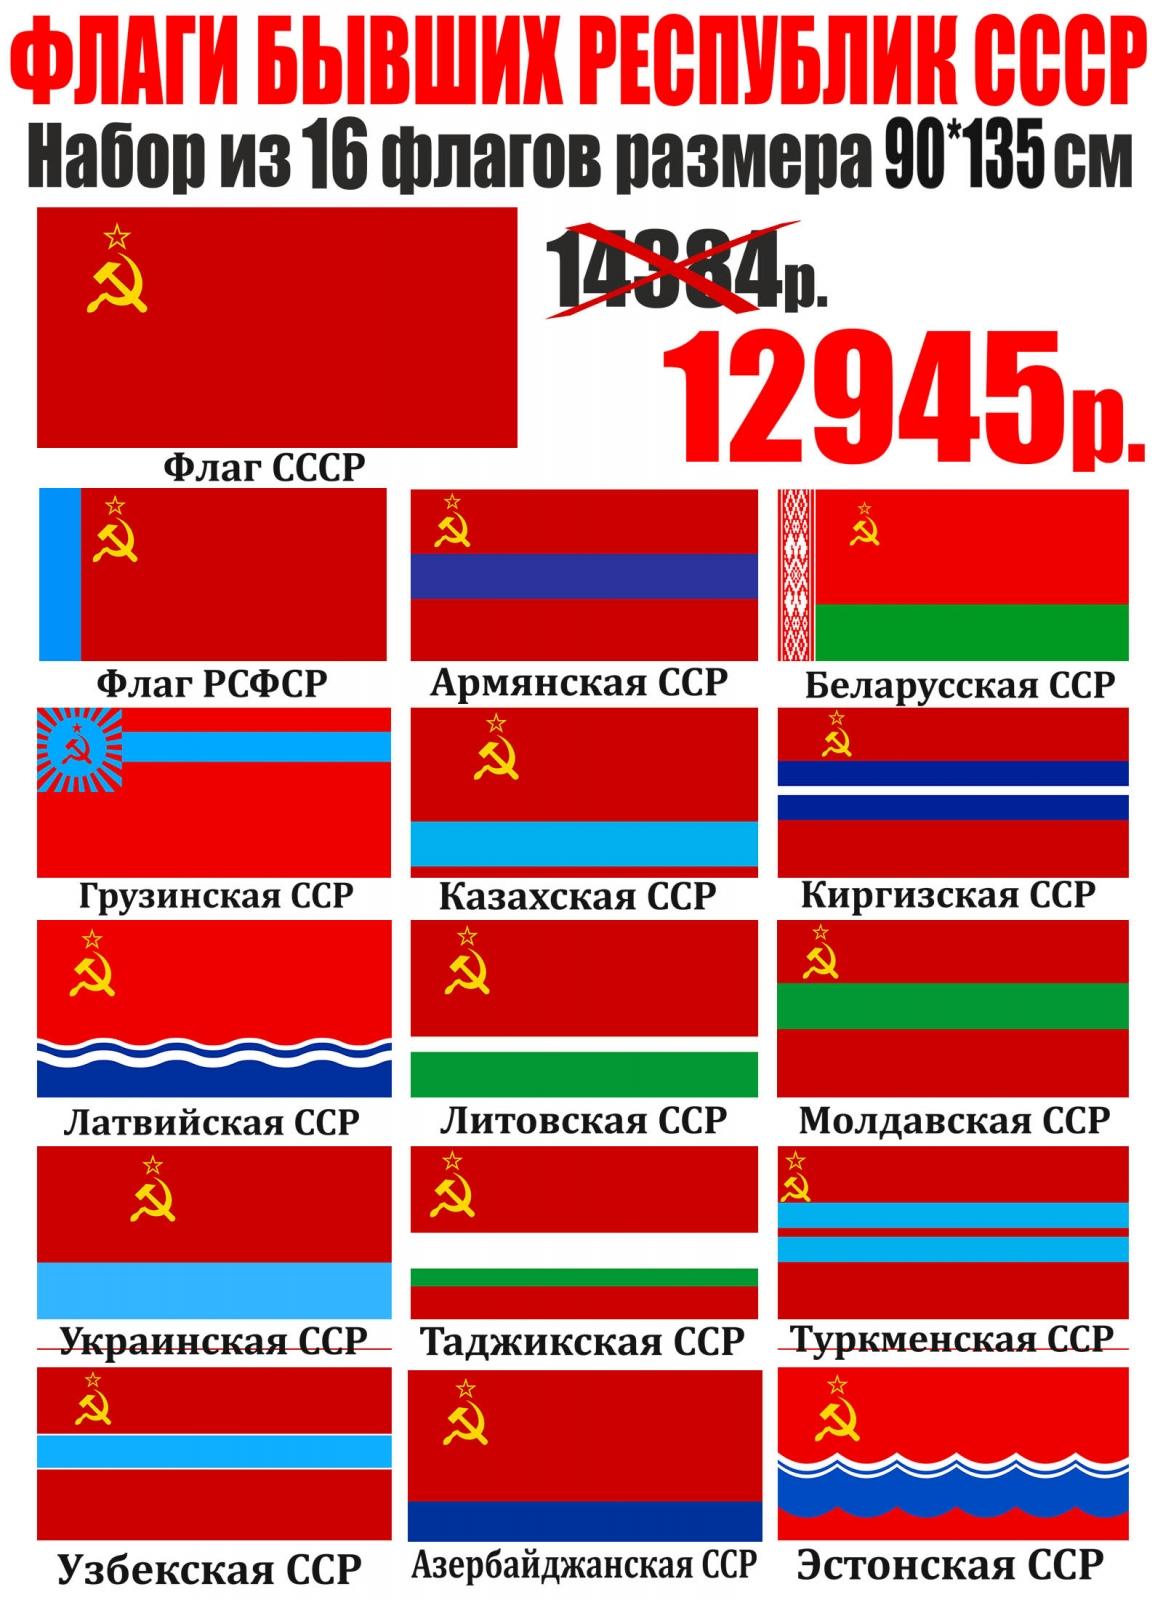 Заказать набор флагов бывших республик СССР со скидкой